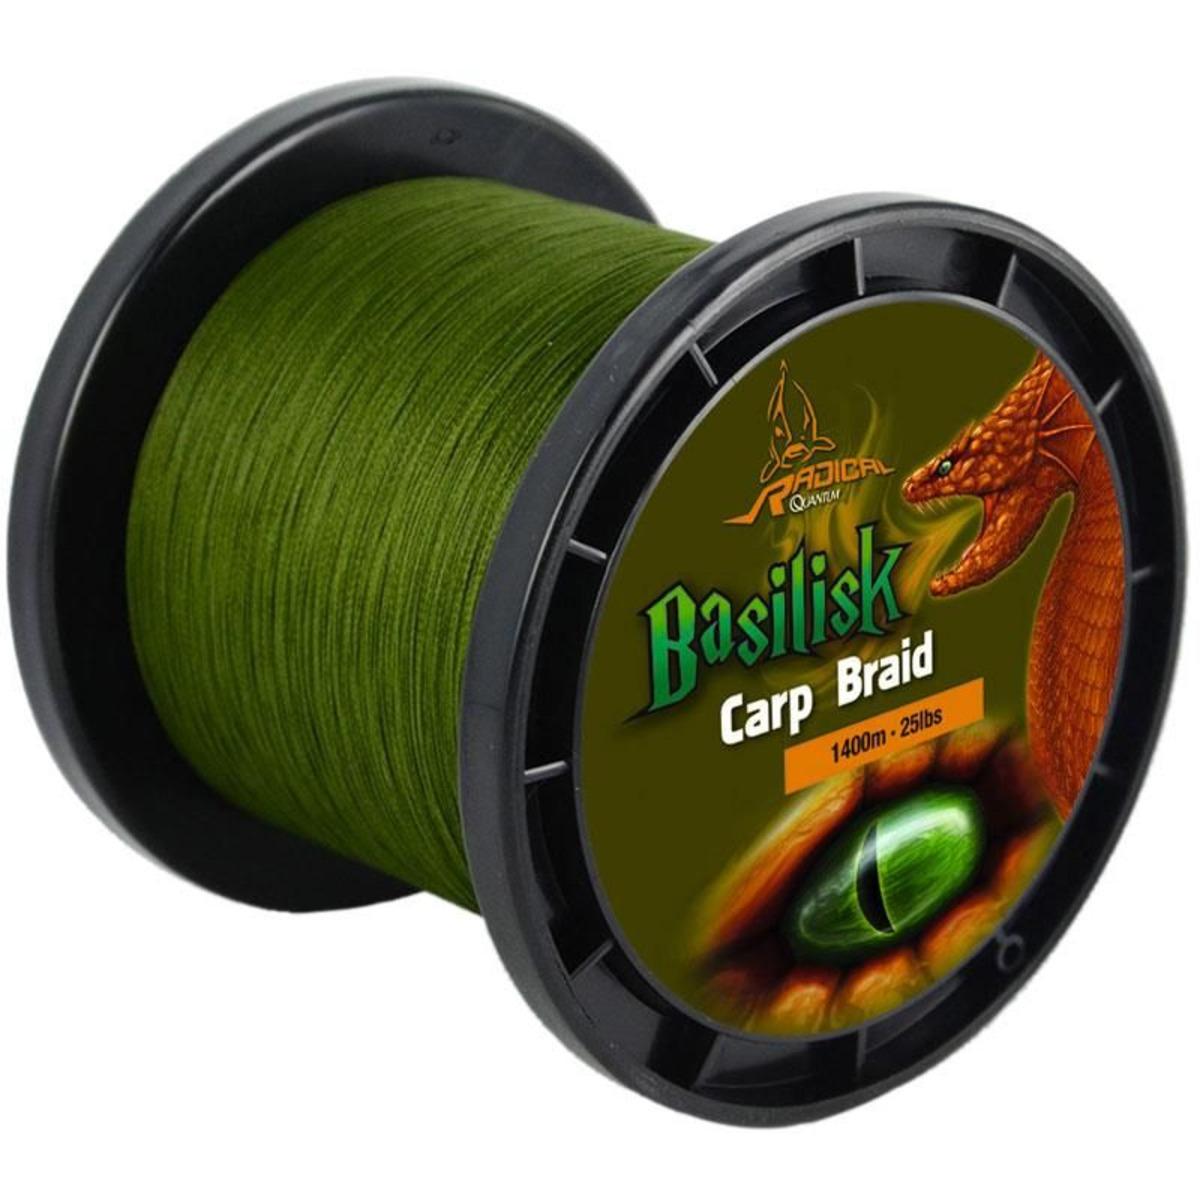 Radical Basilisk Carp Braid - 0.23 mm - 1400 m